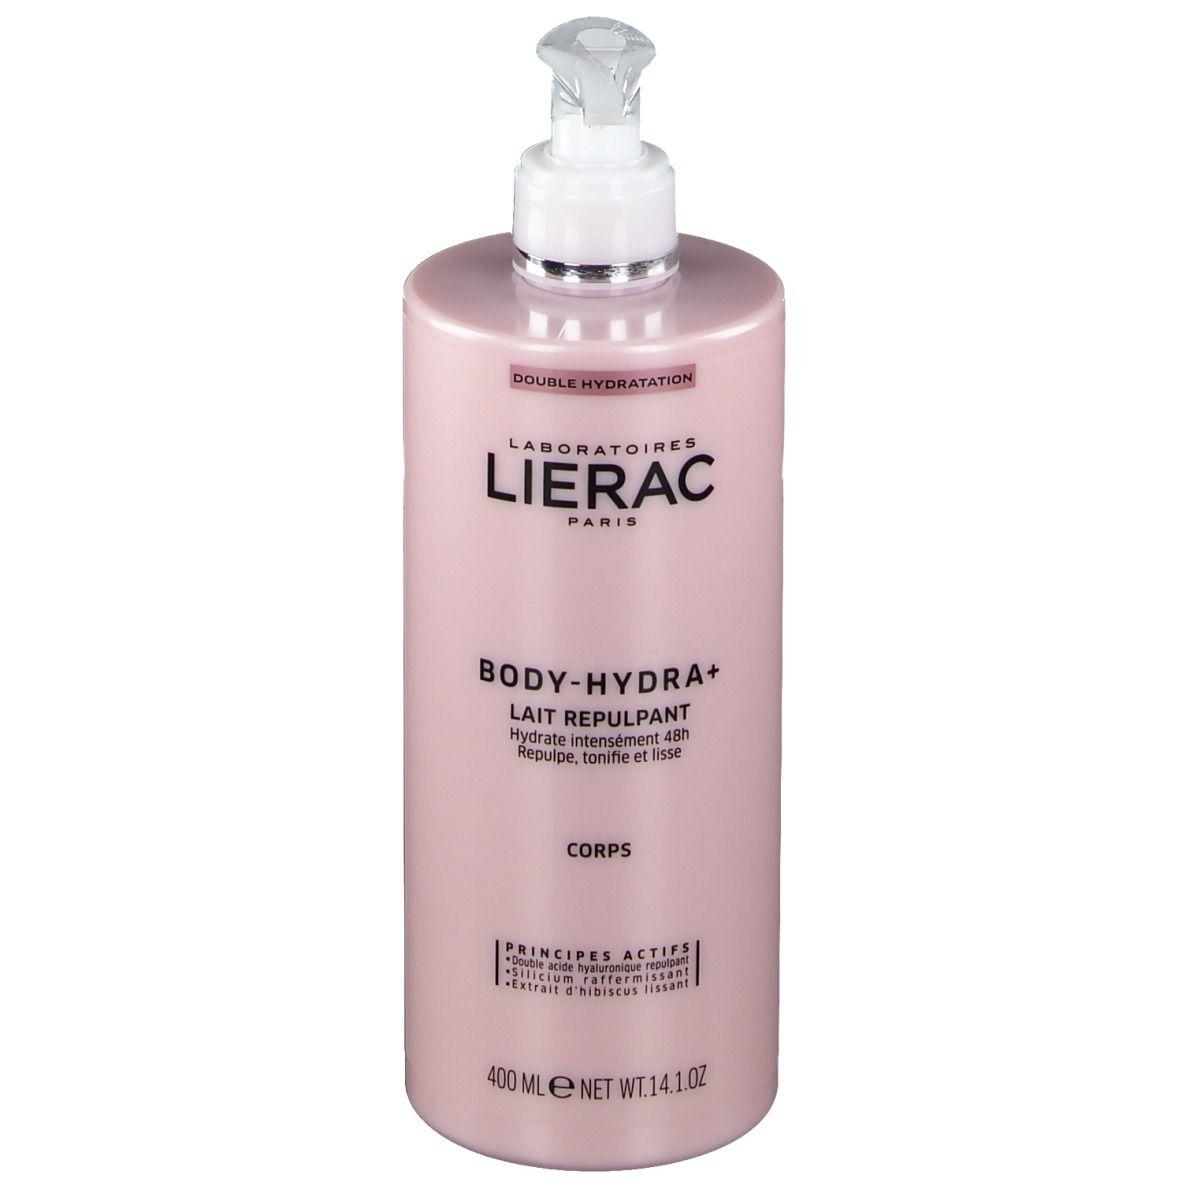 LIERAC Body-Hydra+ Lait répulpant ml lotion pour le corps